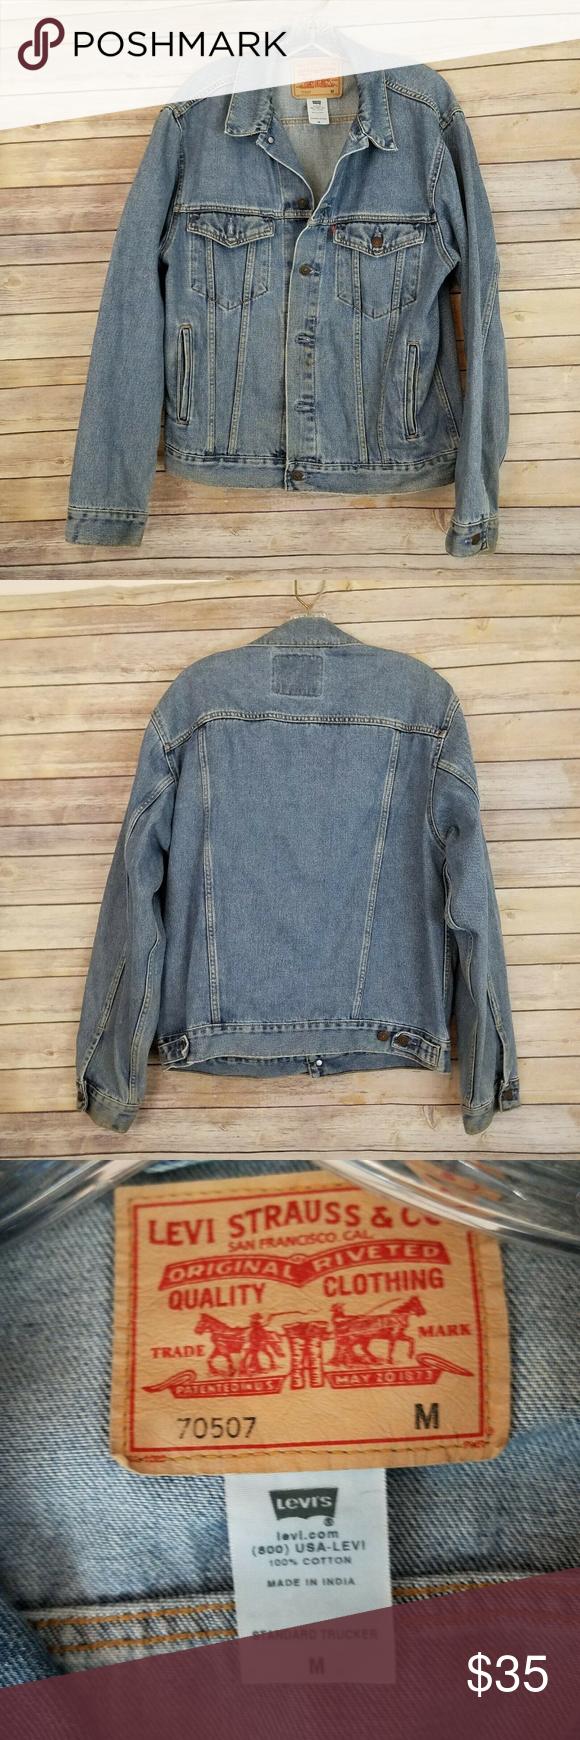 Levi S Trucker Men S Blue Jean Jacket Blue Jean Jacket Jean Jacket Blue Jeans [ 1740 x 580 Pixel ]